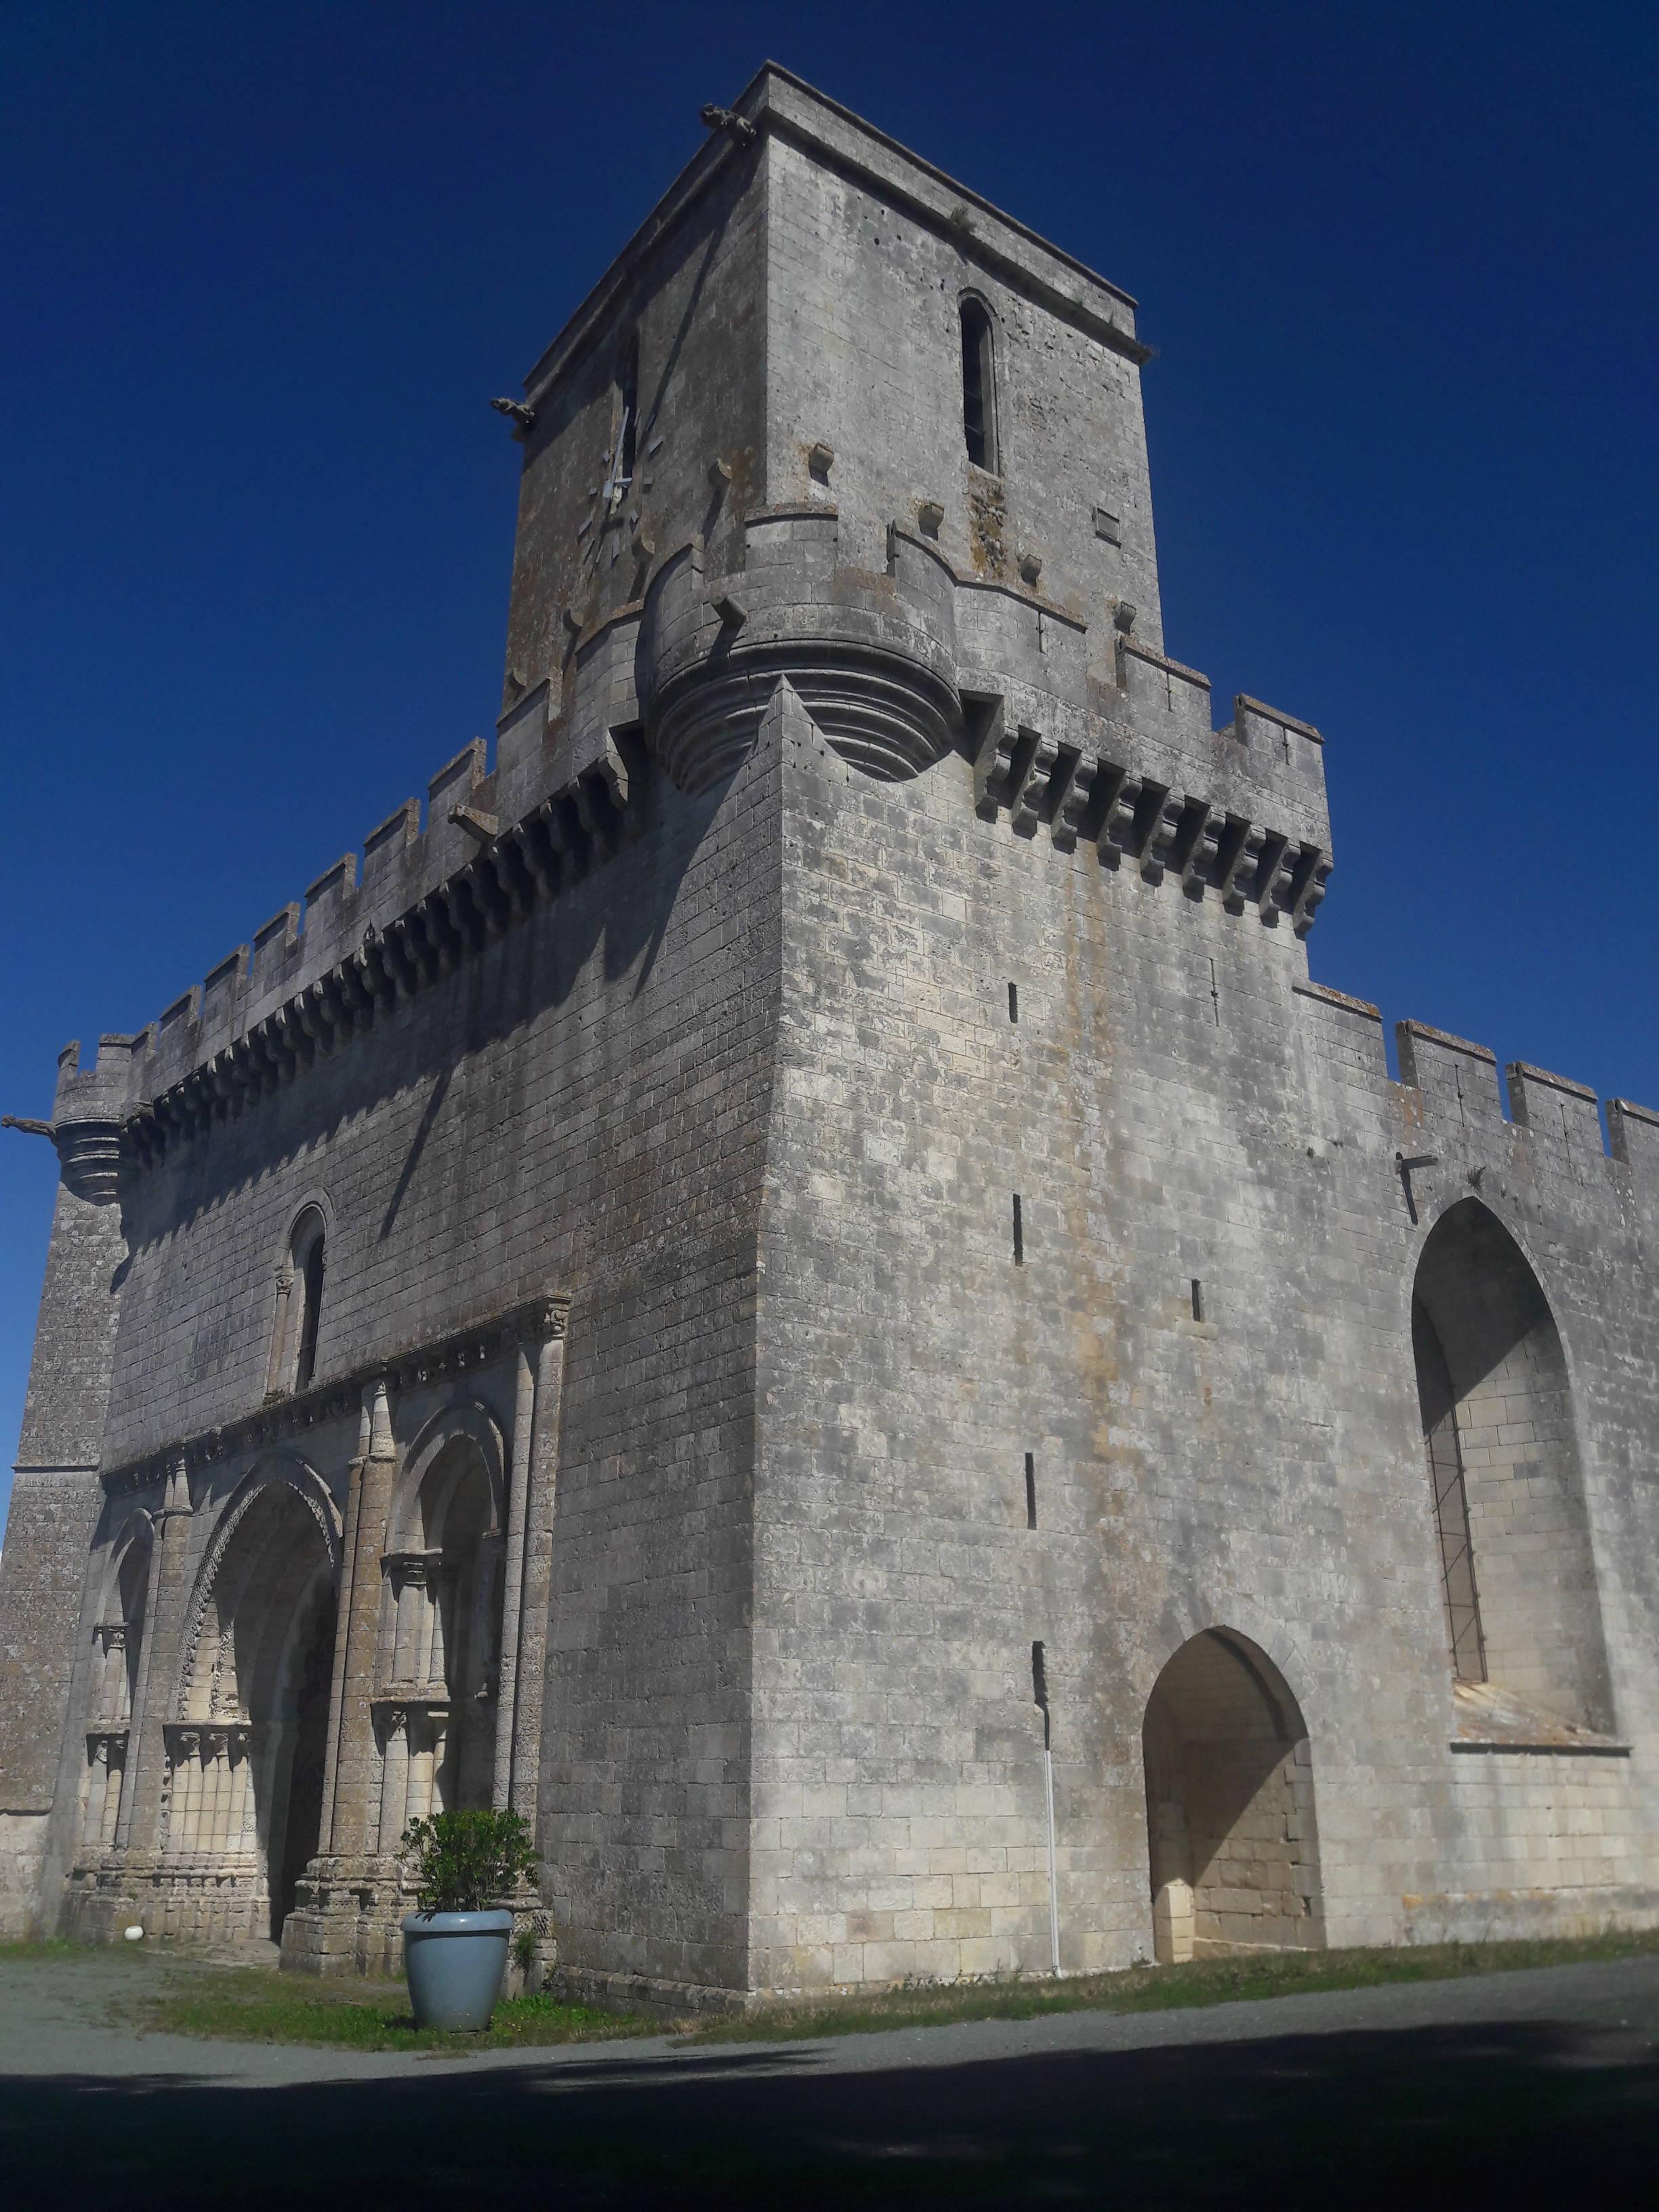 Eglise fortifiée d'Esnandes dans le Parc naturel régional du marais poitevin